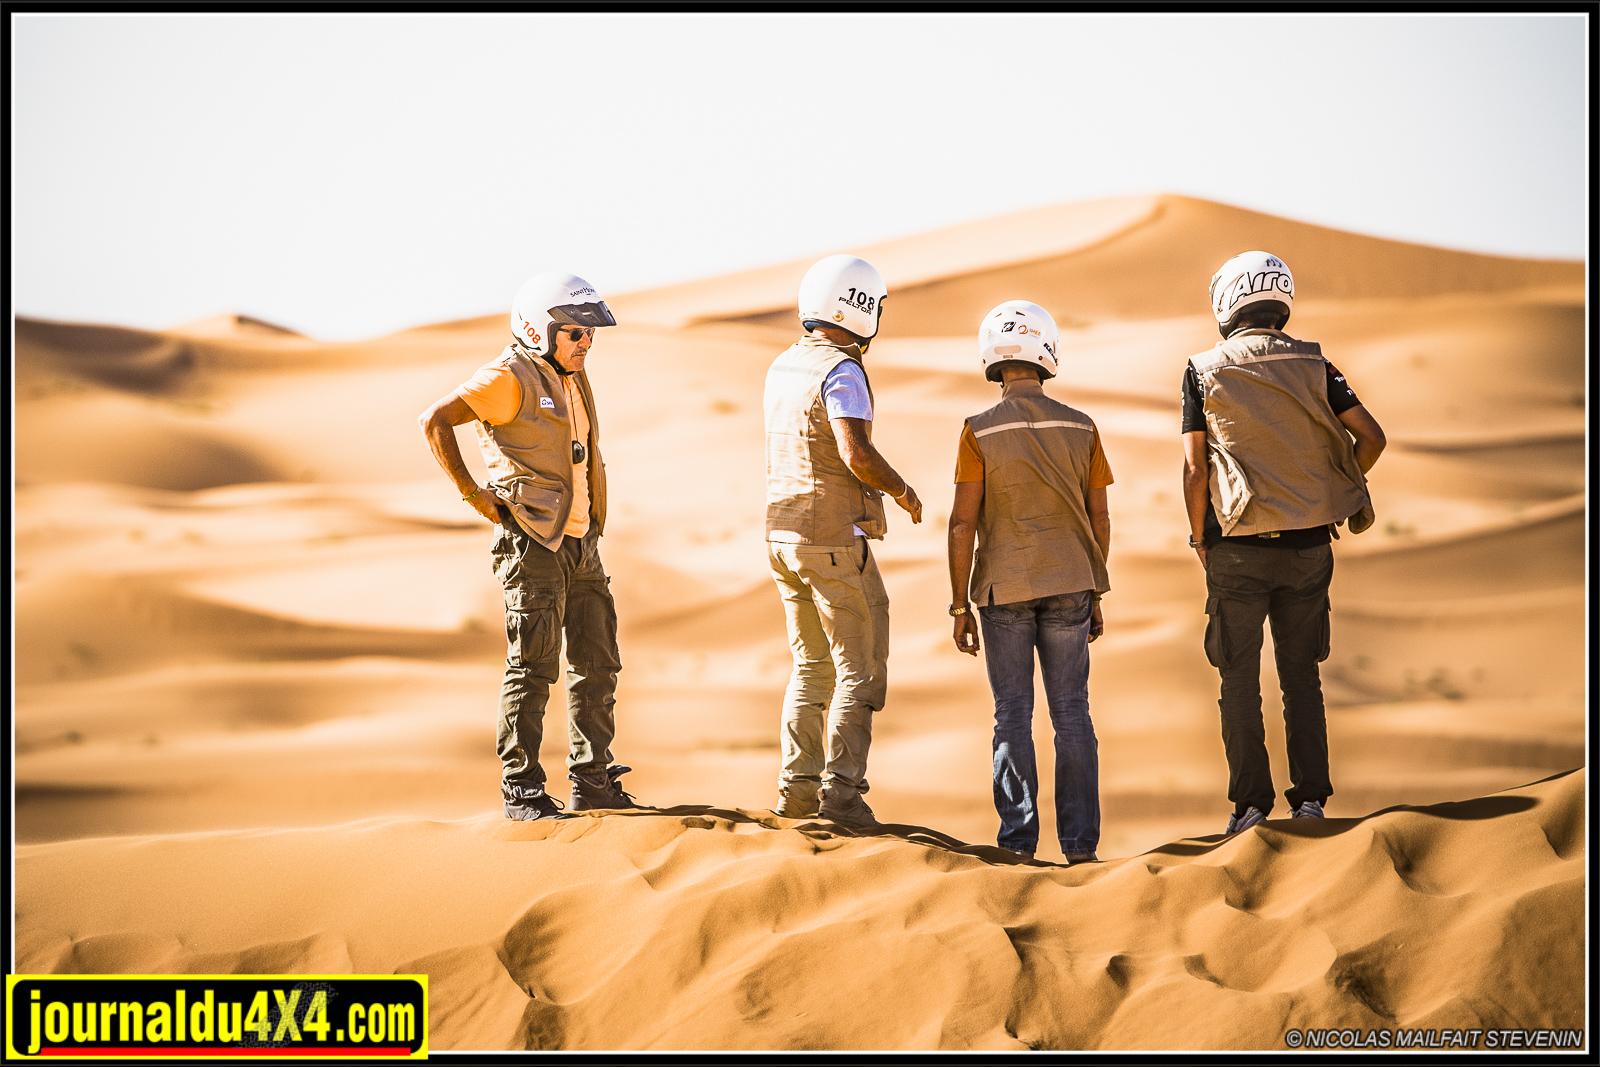 Dans le dunes les équipages peuvent rouler ensemble et s'entre aider